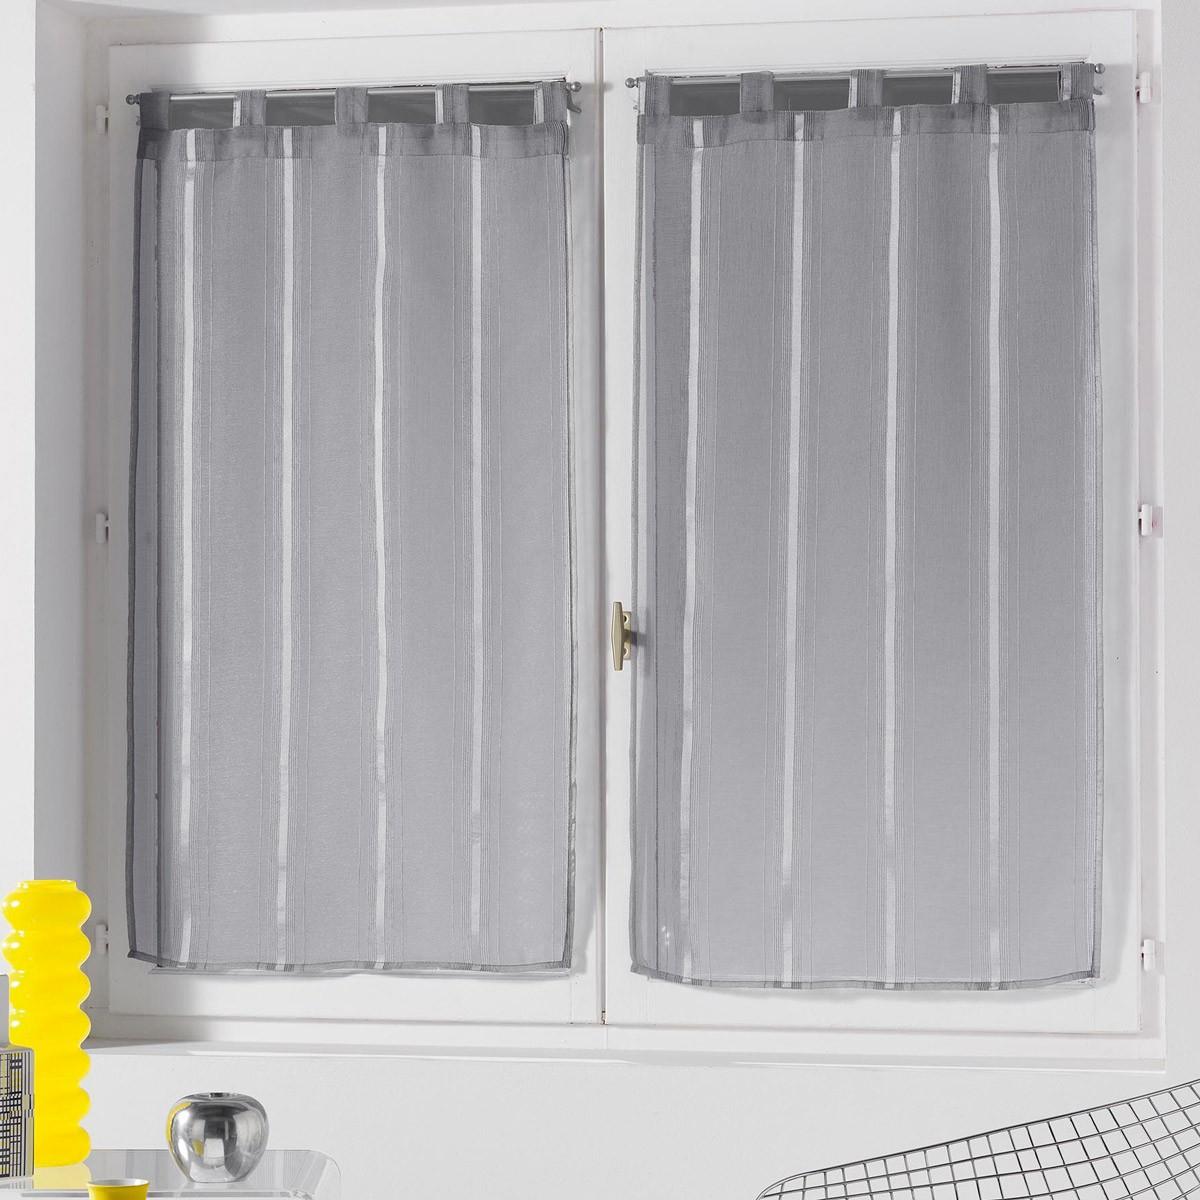 Σετ Κουρτίνες Παραθύρου (60x160) Louane Gris 1624076 home   κουζίνα   τραπεζαρία   κουρτίνες κουζίνας